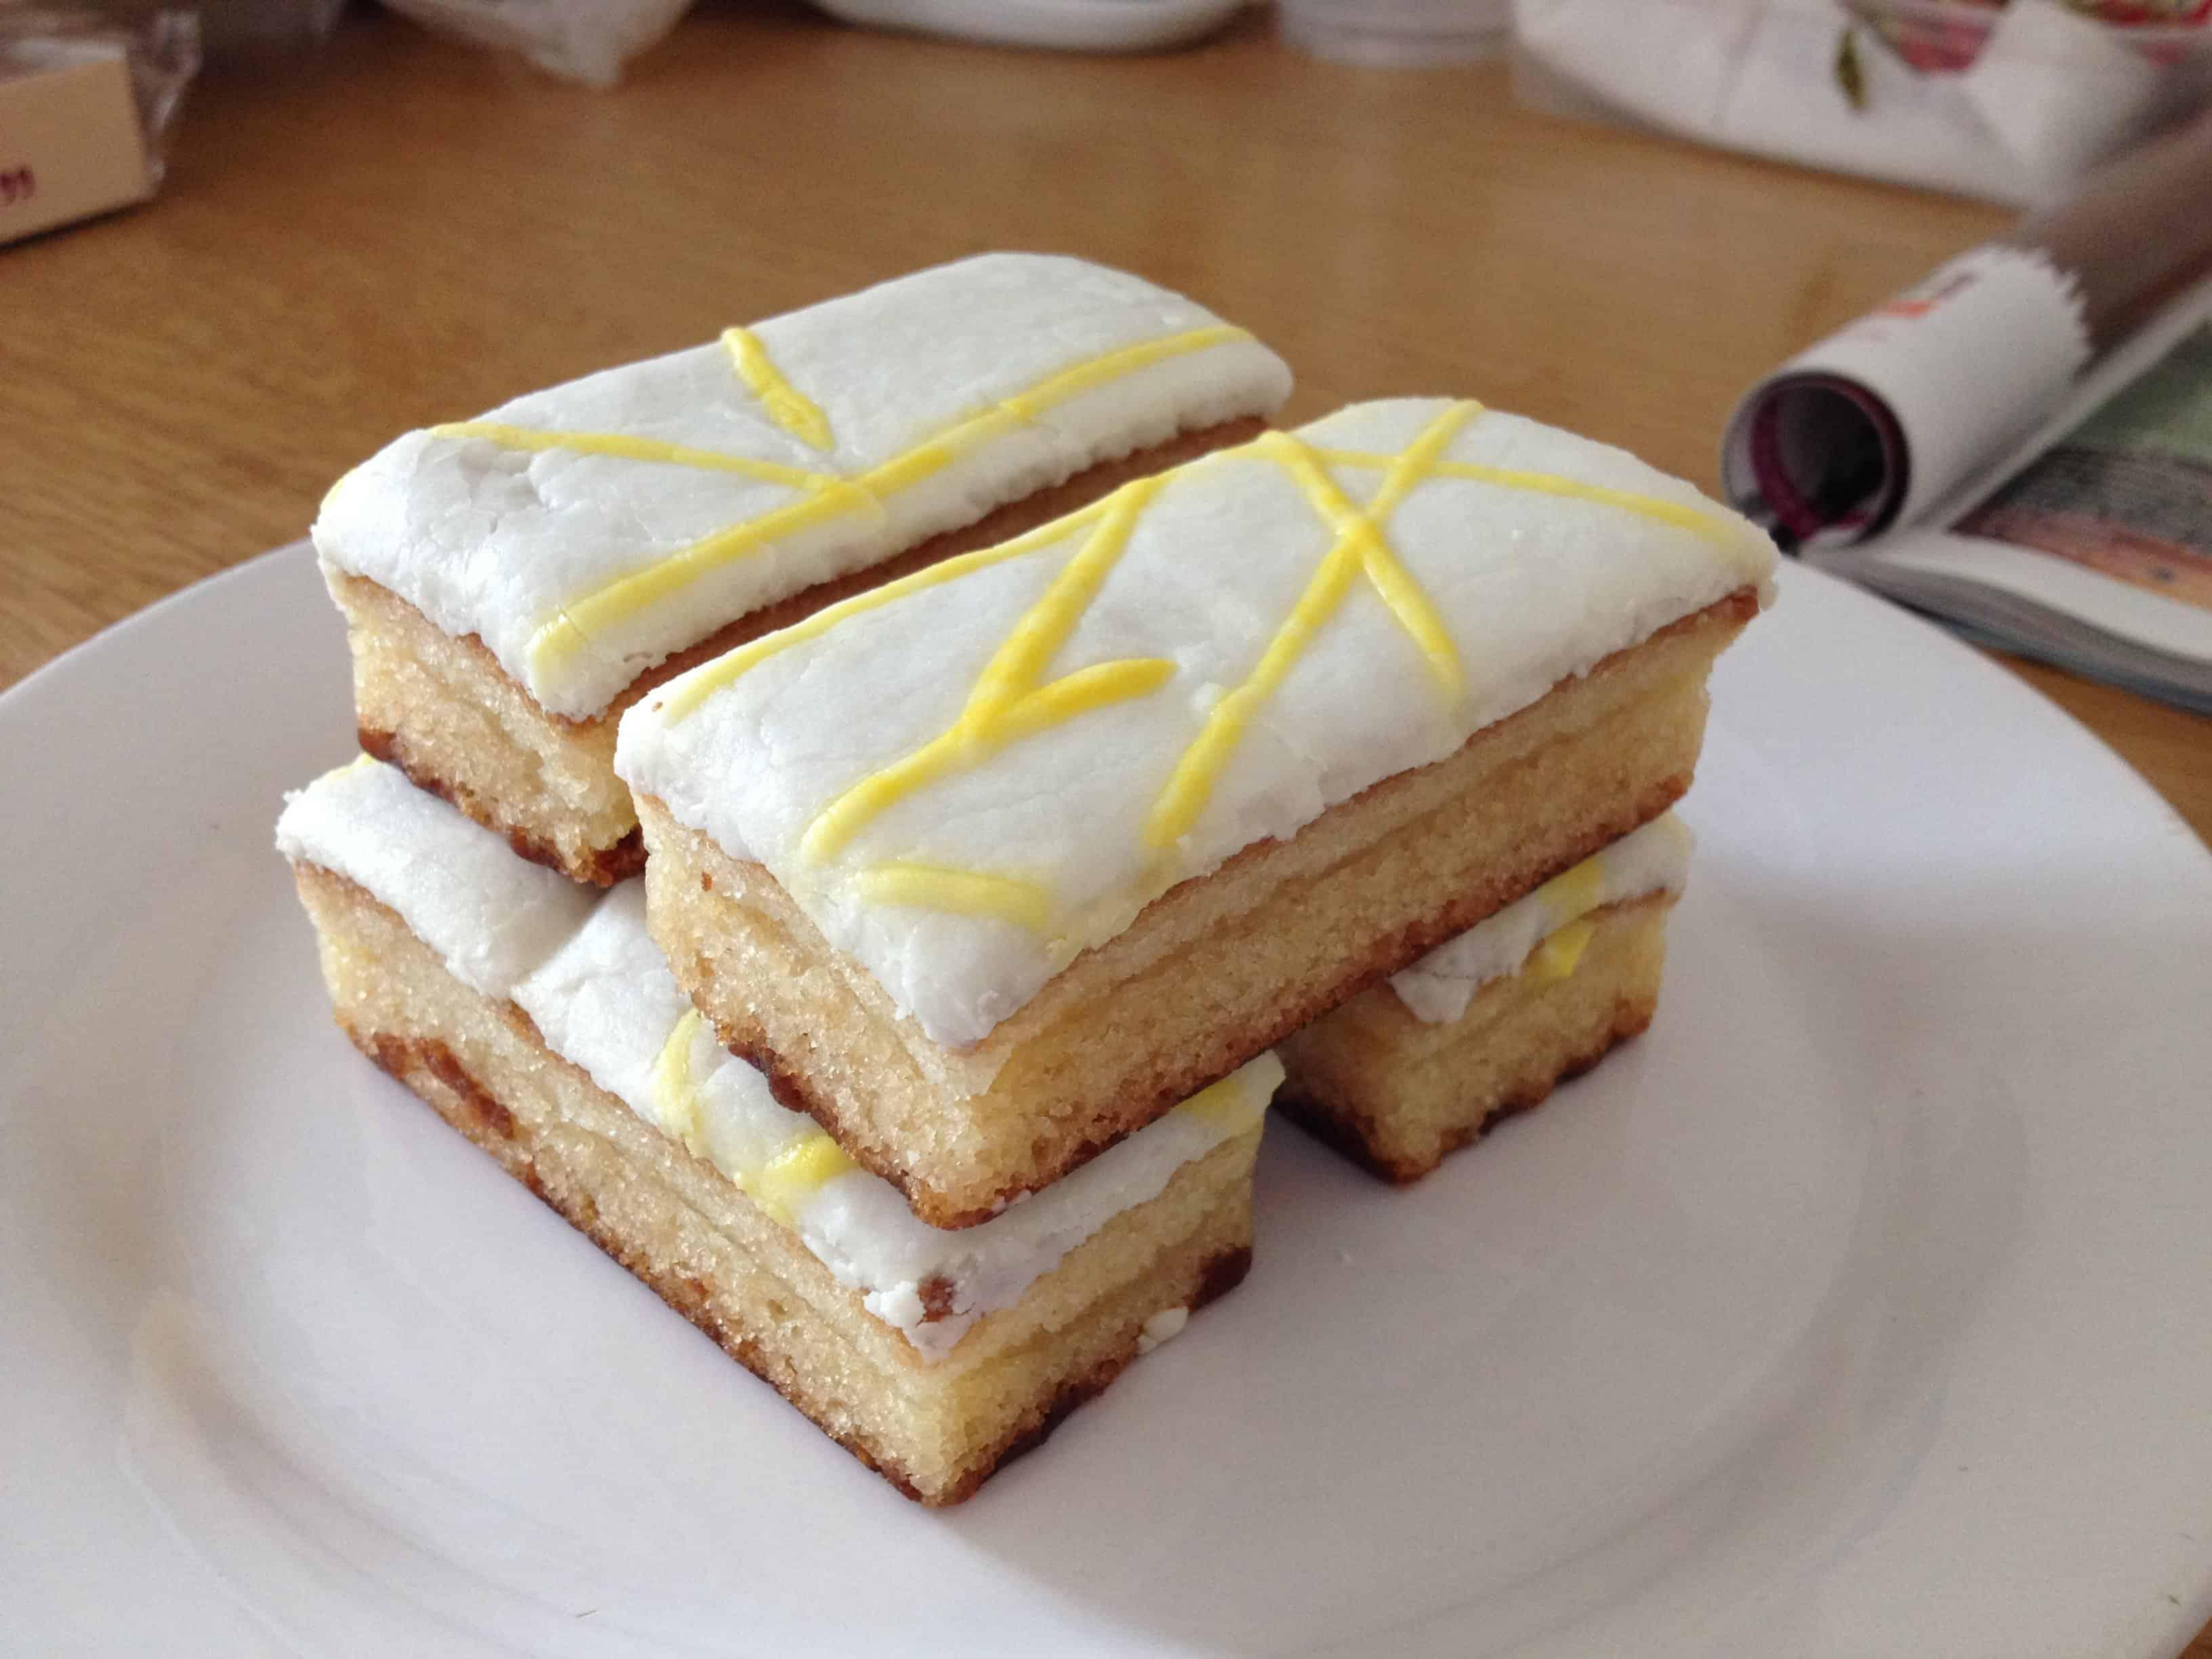 The gluten free lemon from Mrs Crimble's.